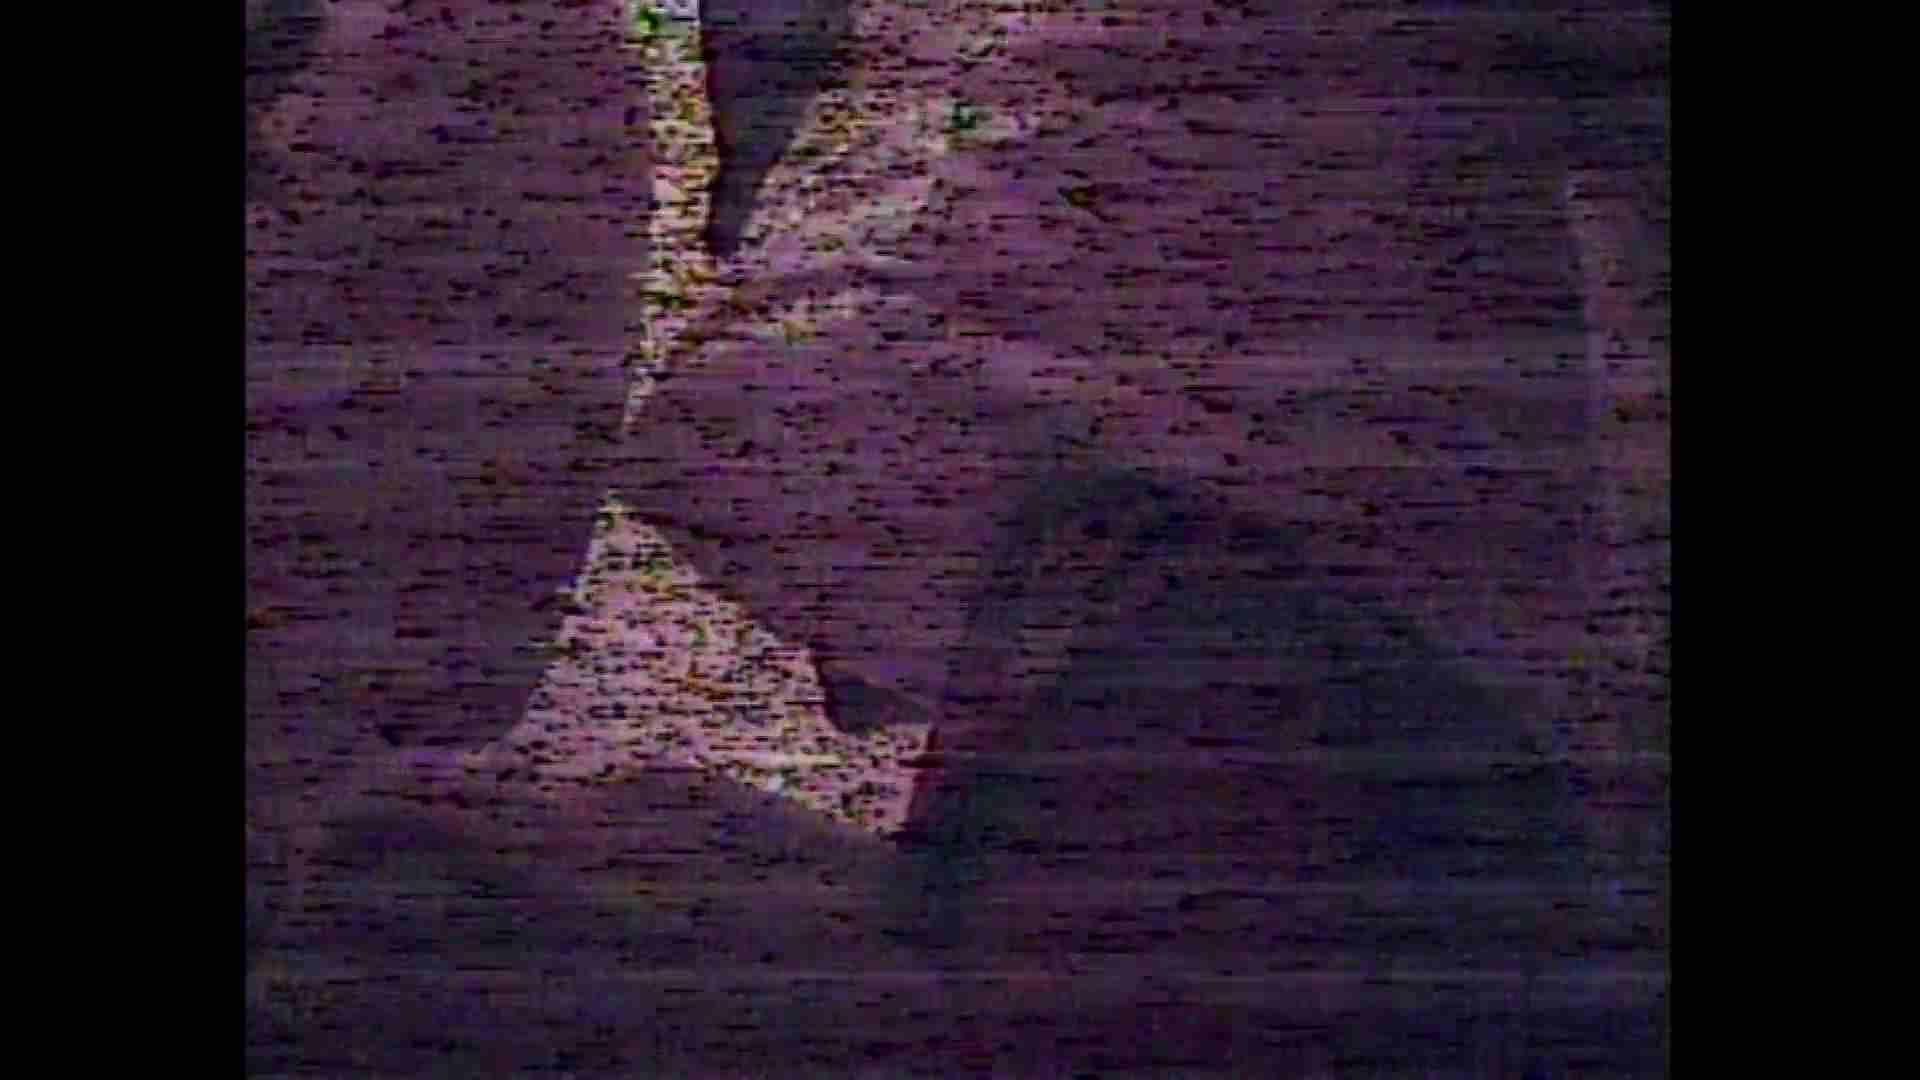 レース場での秘め事 Vol.01 お姉さん   レースクイーン  20画像 1